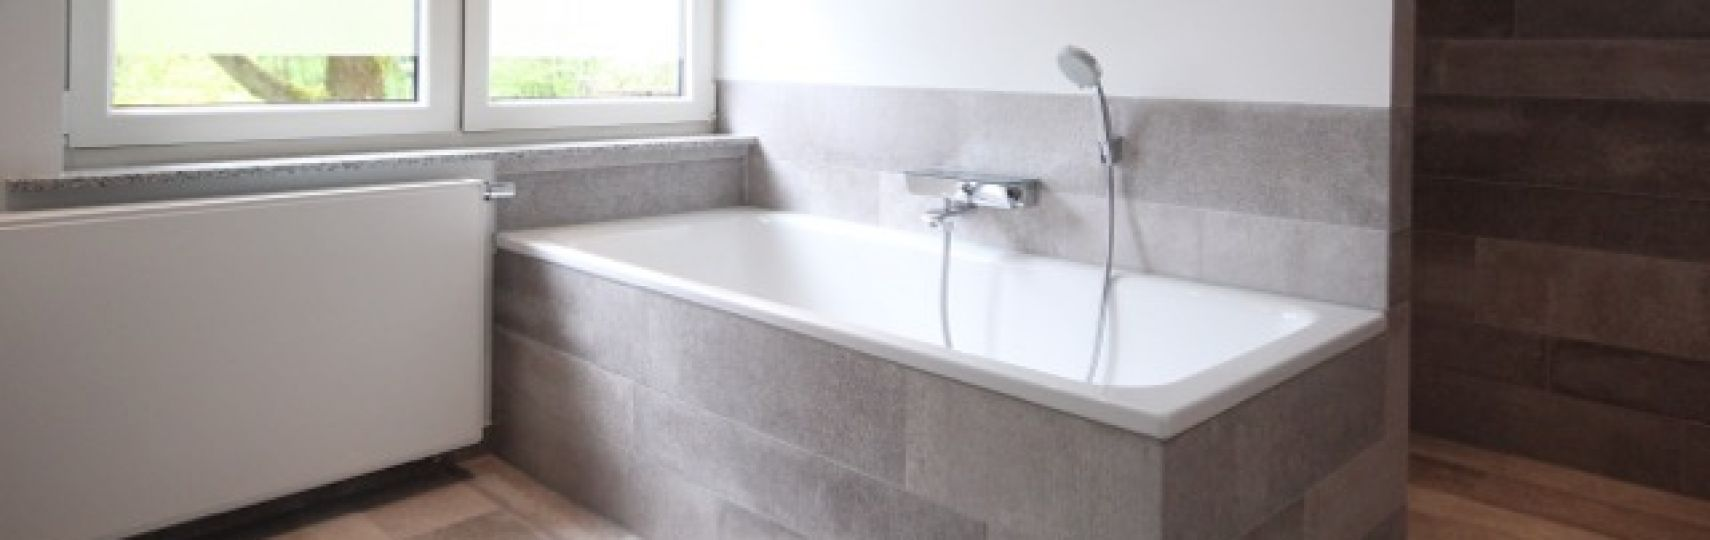 Projecten b en b tegels en sanitair - Muur tegel installatie ...